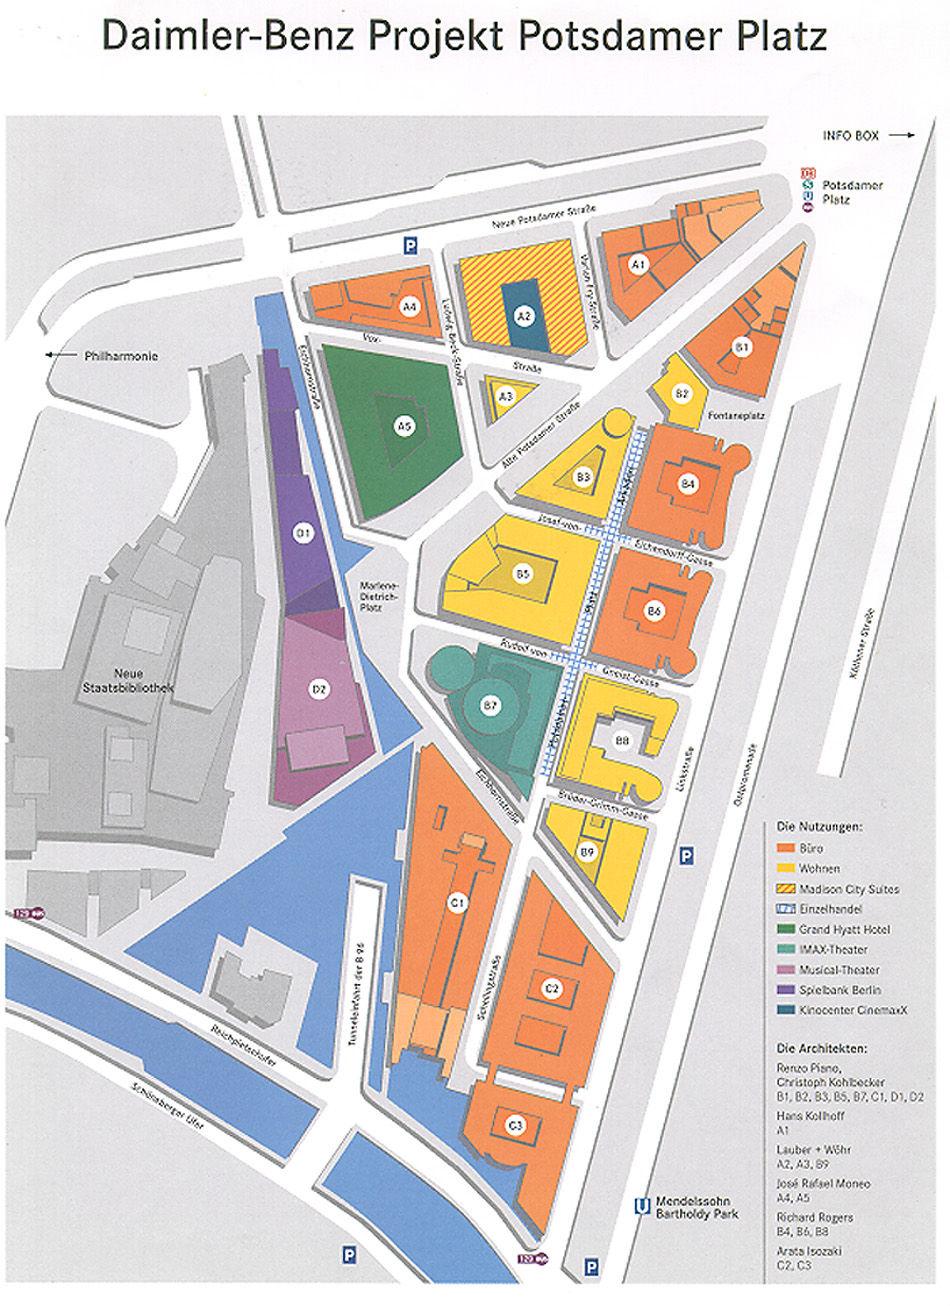 Pla edificatori i arquitectes per a sector de la Postdamer Platz